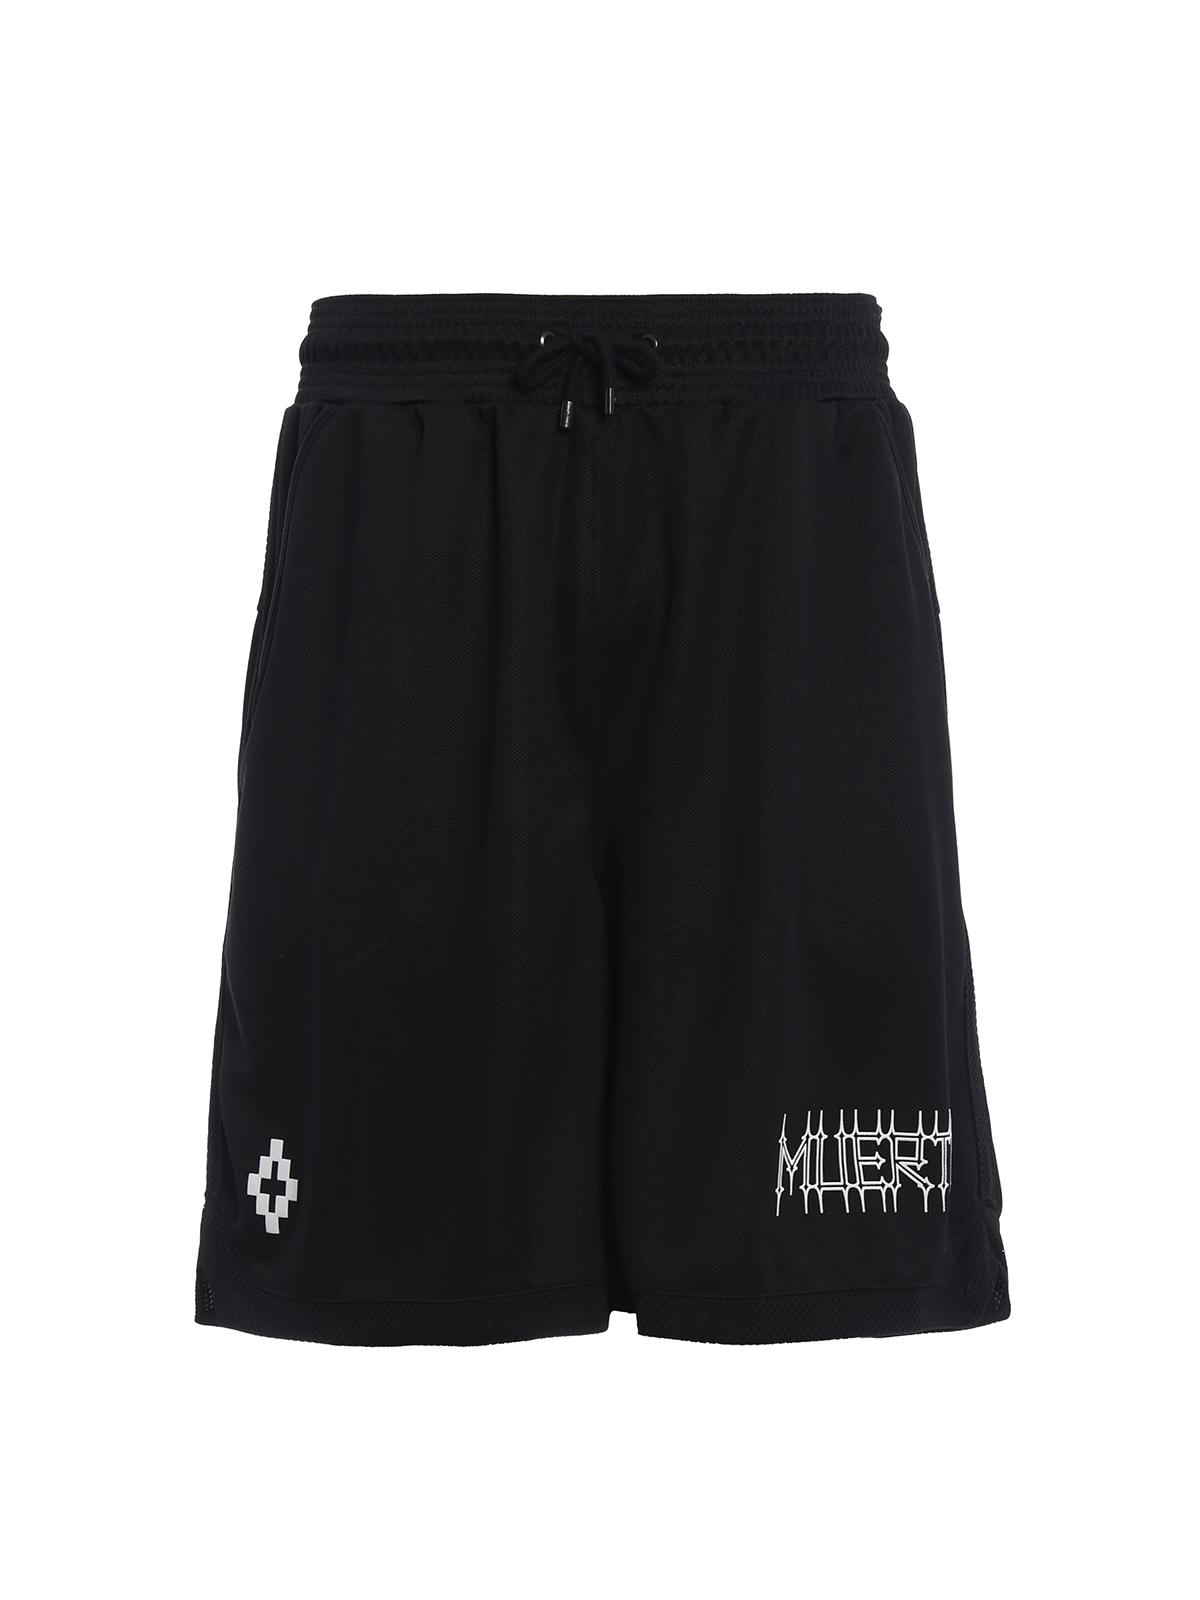 nuovo prodotto a862f 39b2a Marcelo Burlon - Pantaloncini corti Orlando - pantaloni ...